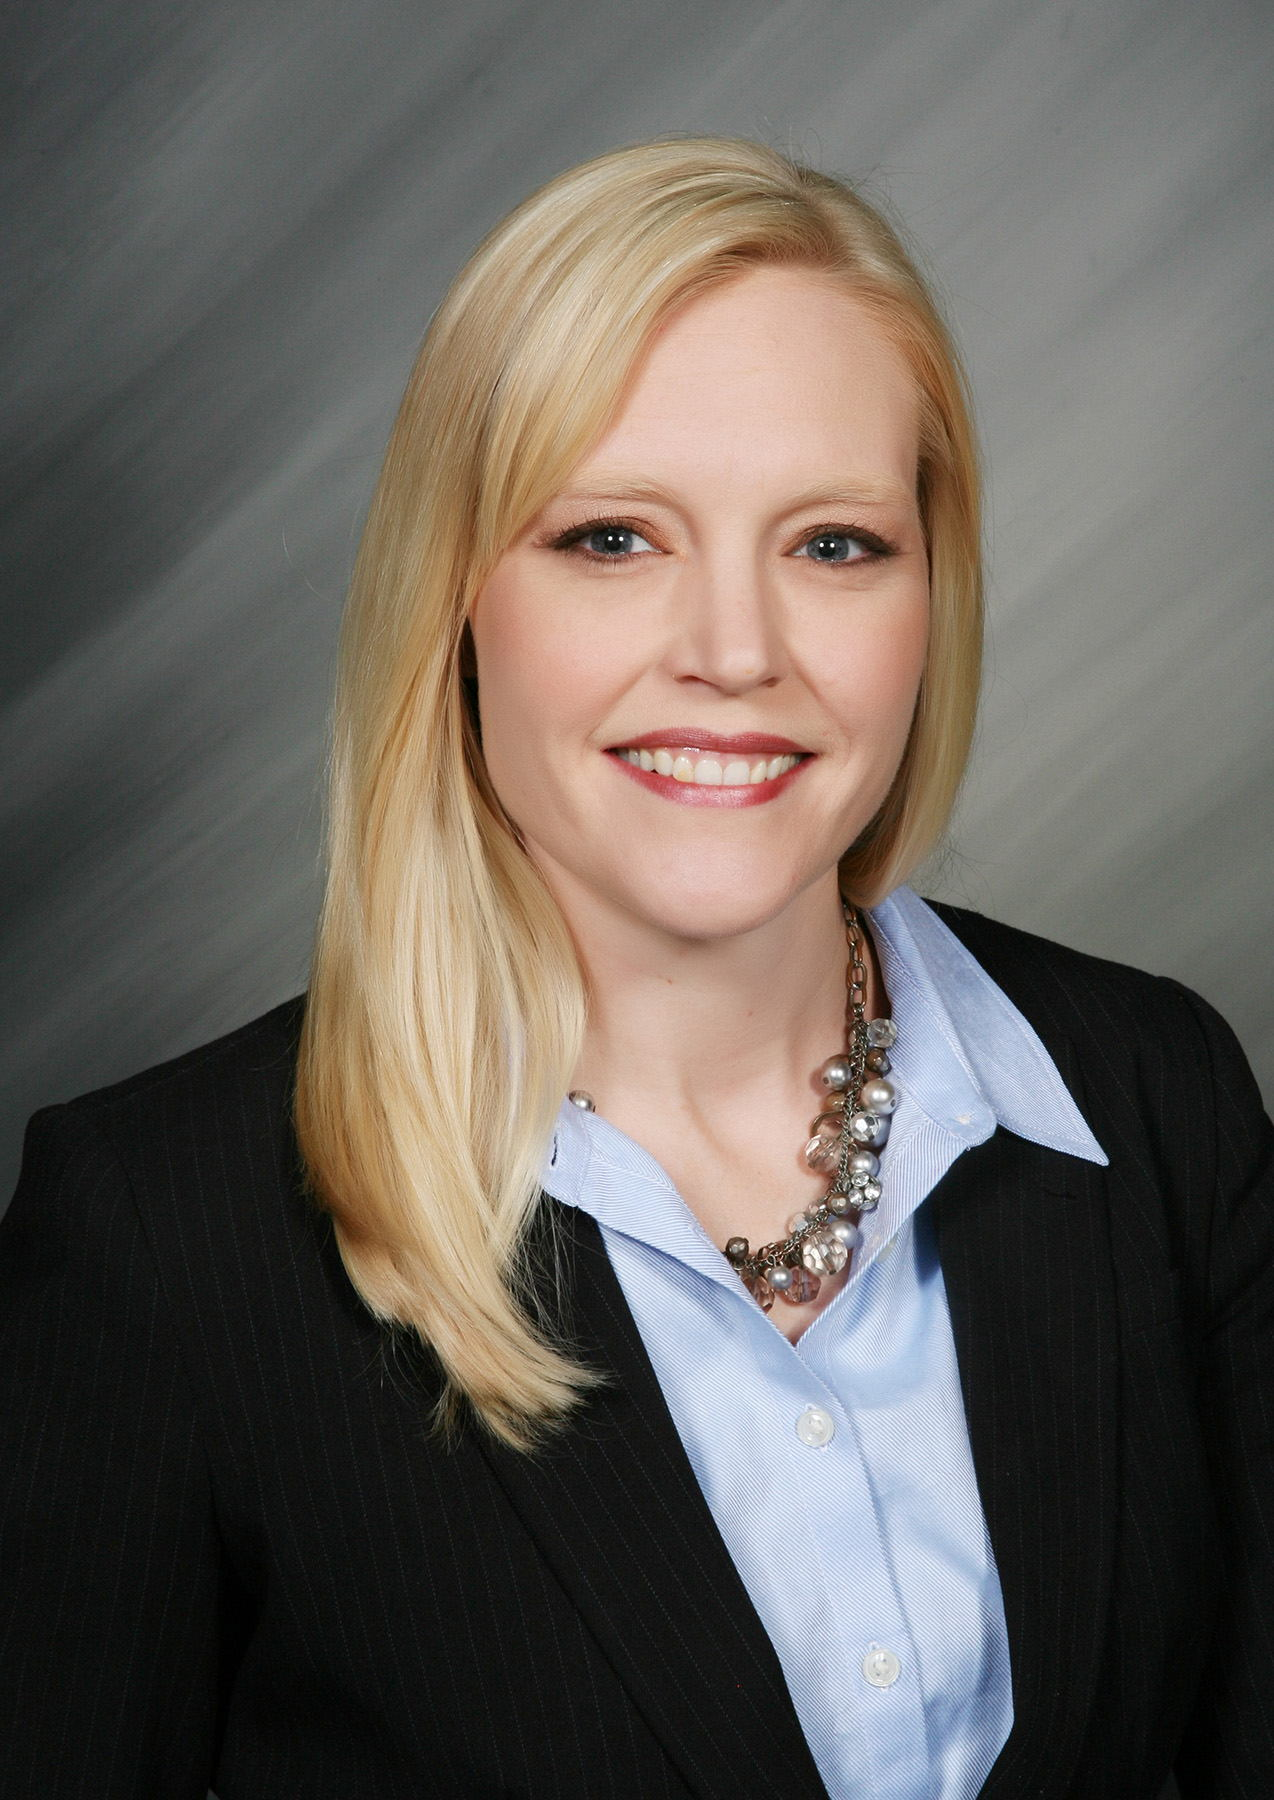 Erin Houchin